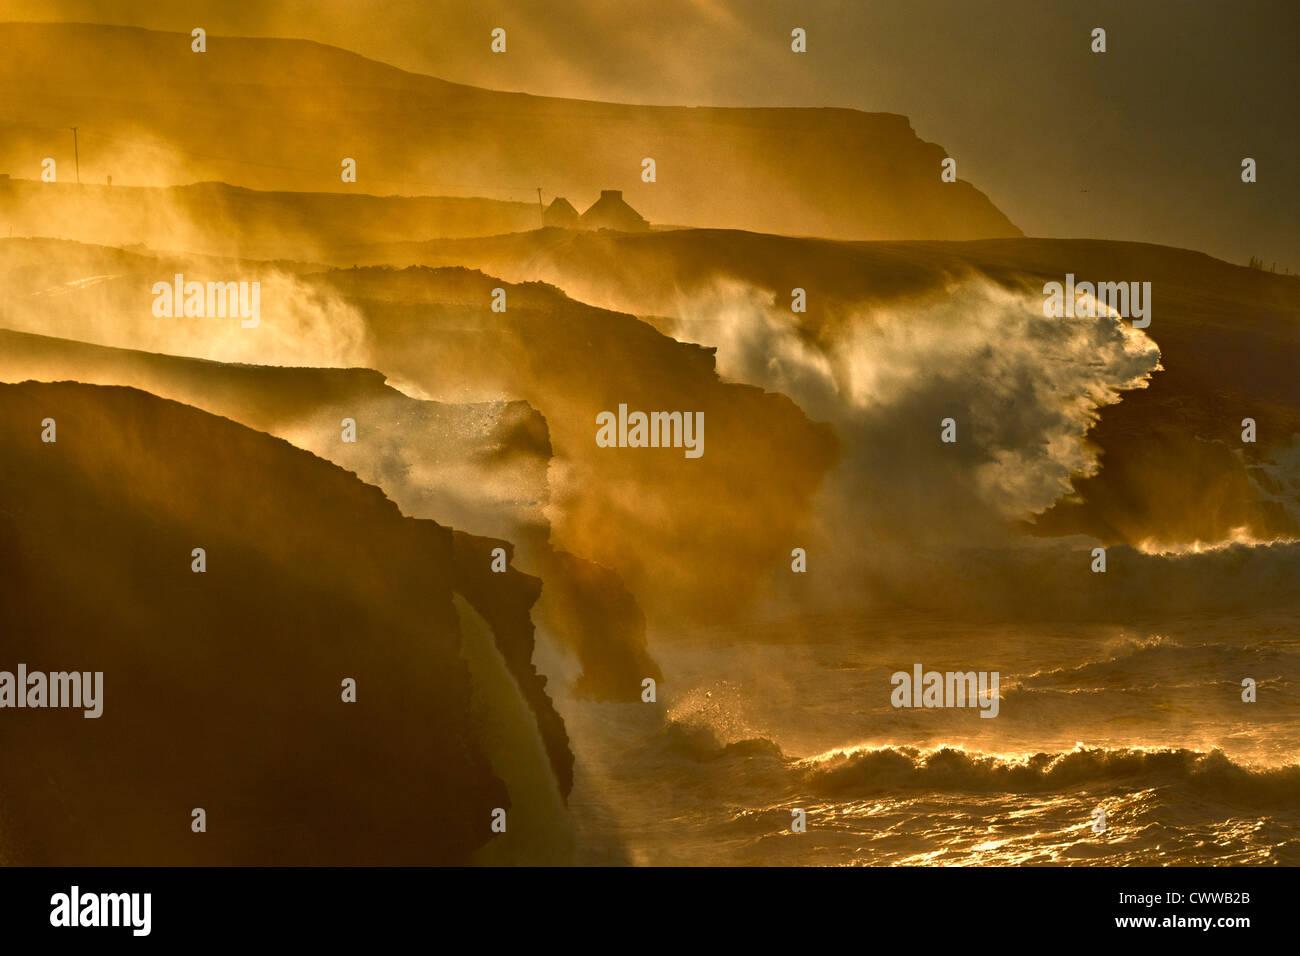 Vagues se brisant sur les falaises rocheuses Photo Stock